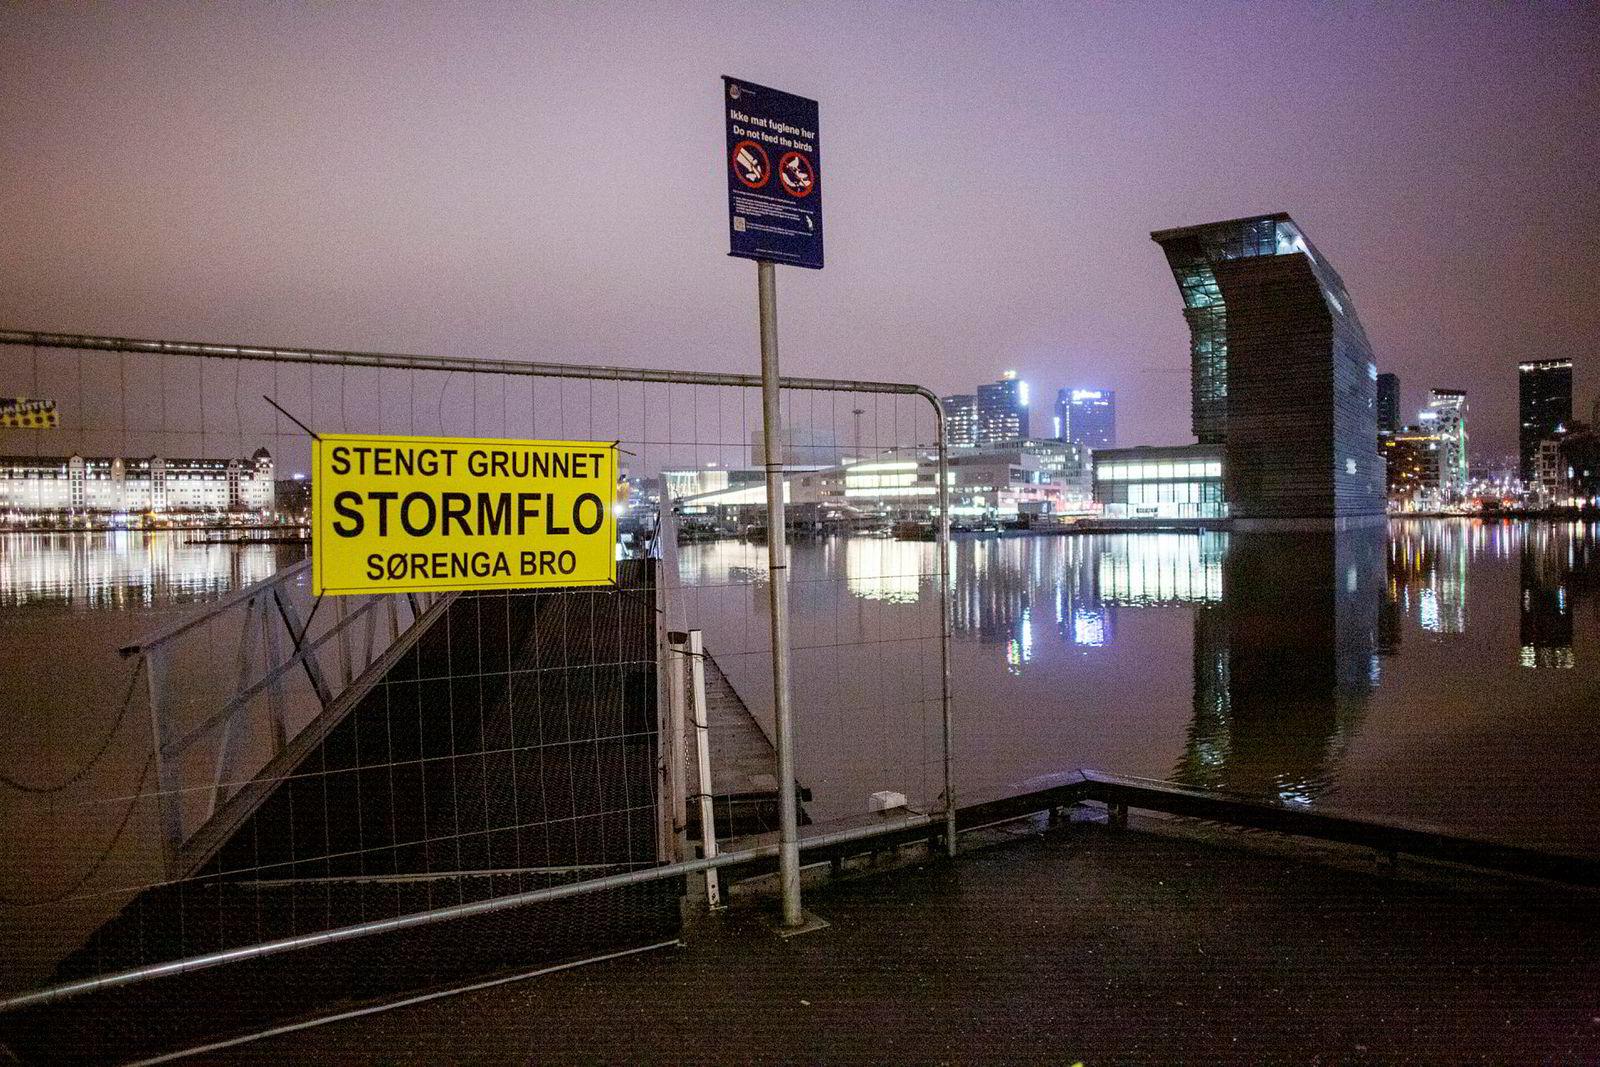 Flytebroen fra Sørenga over til sentrum var stengt på grunn av stormflo.